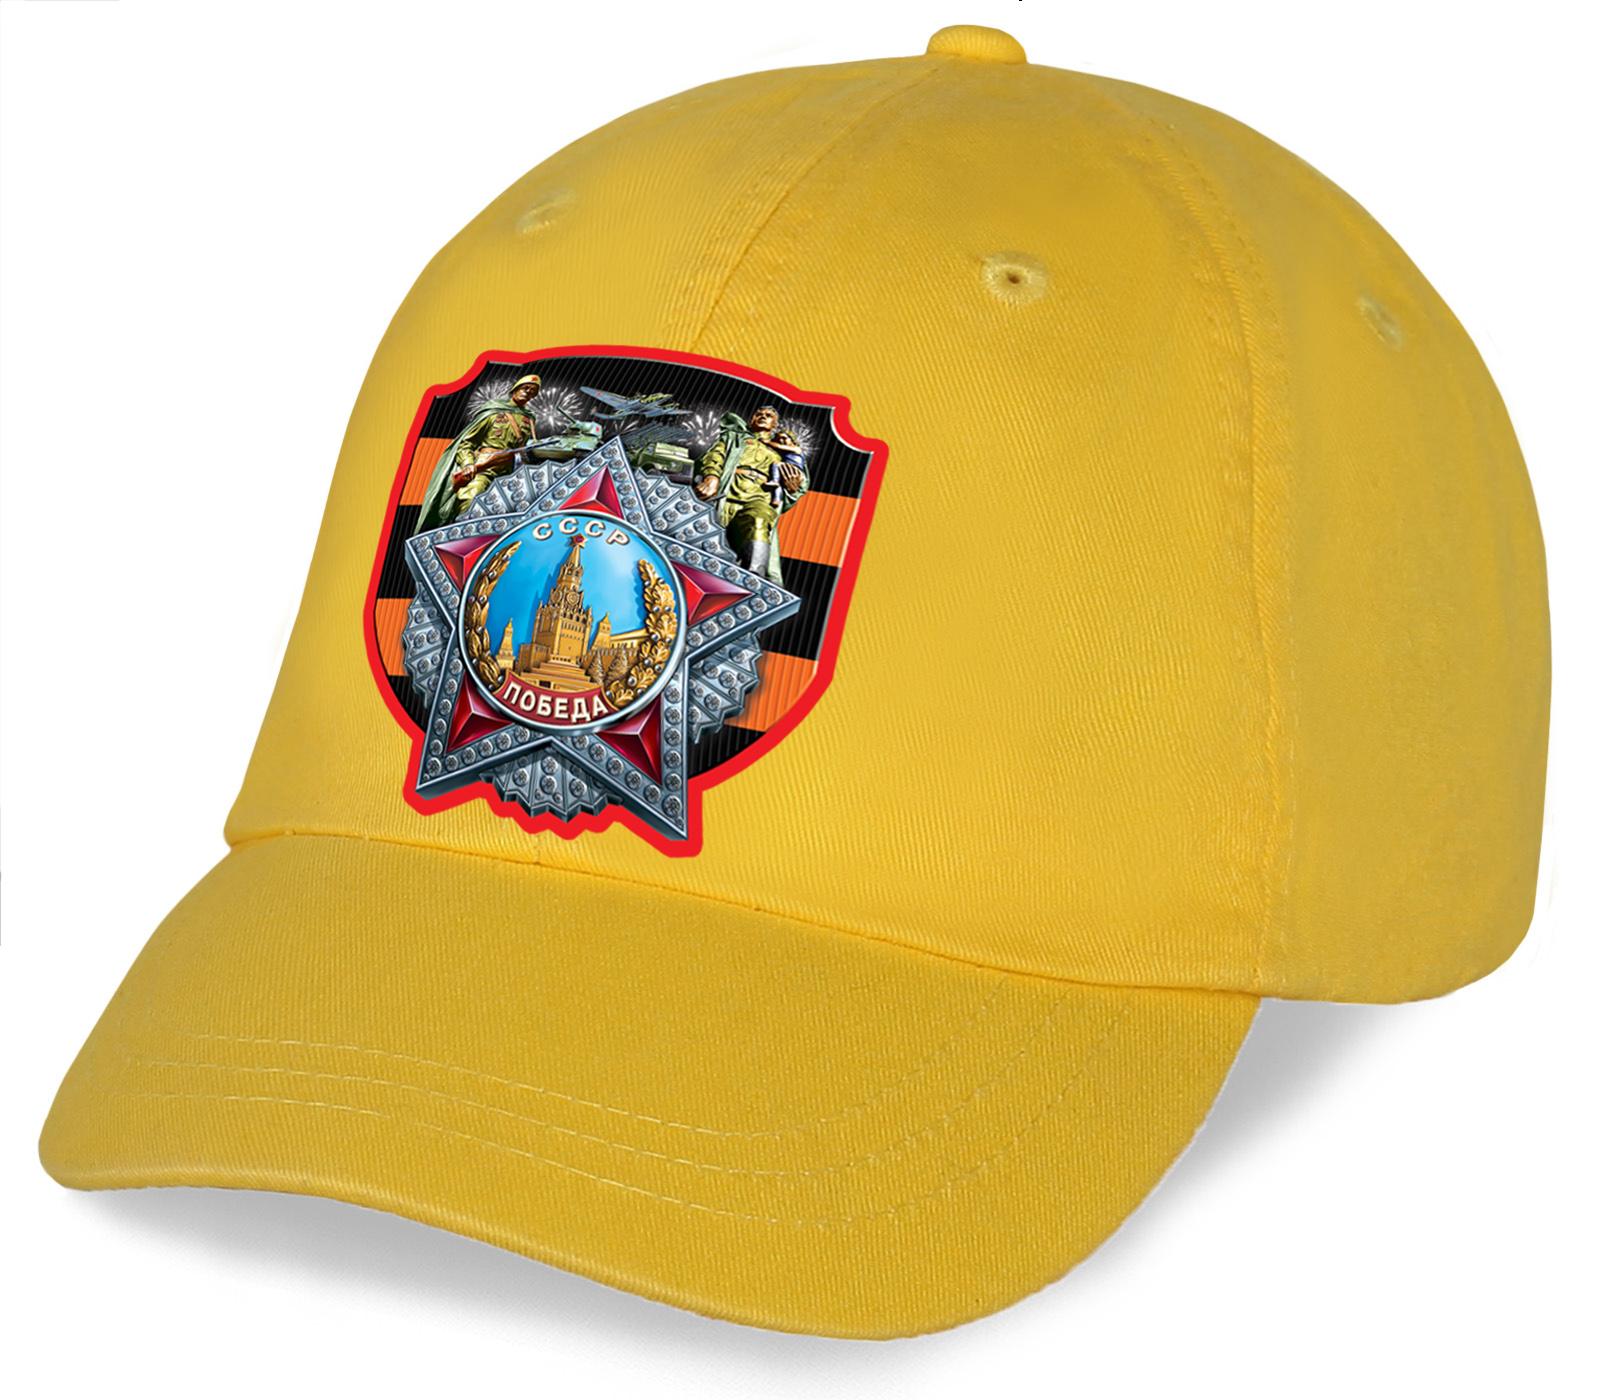 Придумали что оденете на парад 9 Мая? Думаем в Вашем образе точно не хватает патриотической кепки из хлопка с дизайнерским принтом Ордена Победы. Покупай выгодно в Военпро!